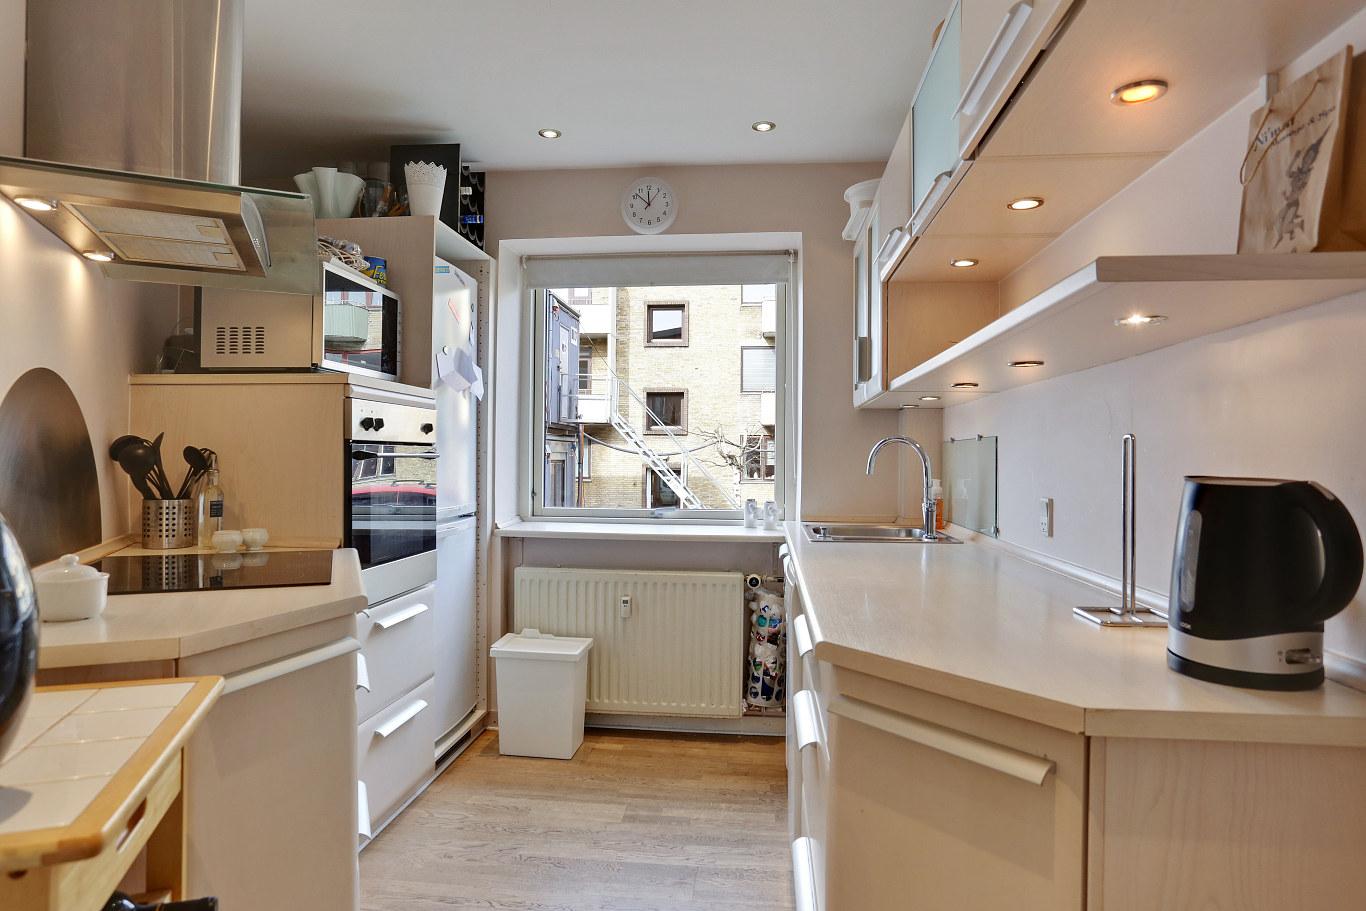 La realidad de los pisos peque os en los pa ses n rdicos for Decoracion de apartamentos pequenos 2016